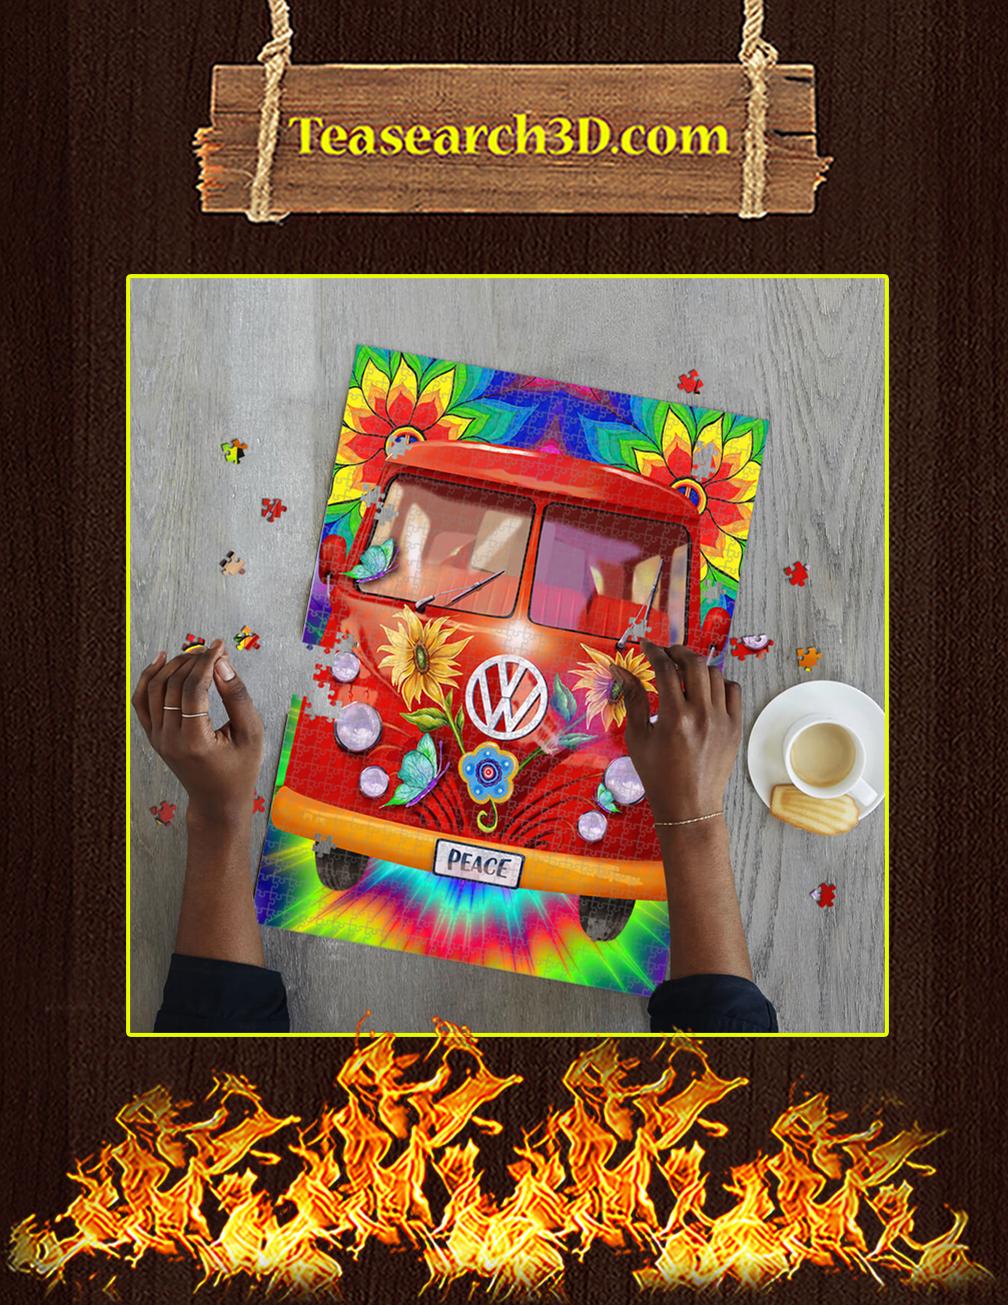 Peace Hippie Vans Jigsaw Puzzle pic 1